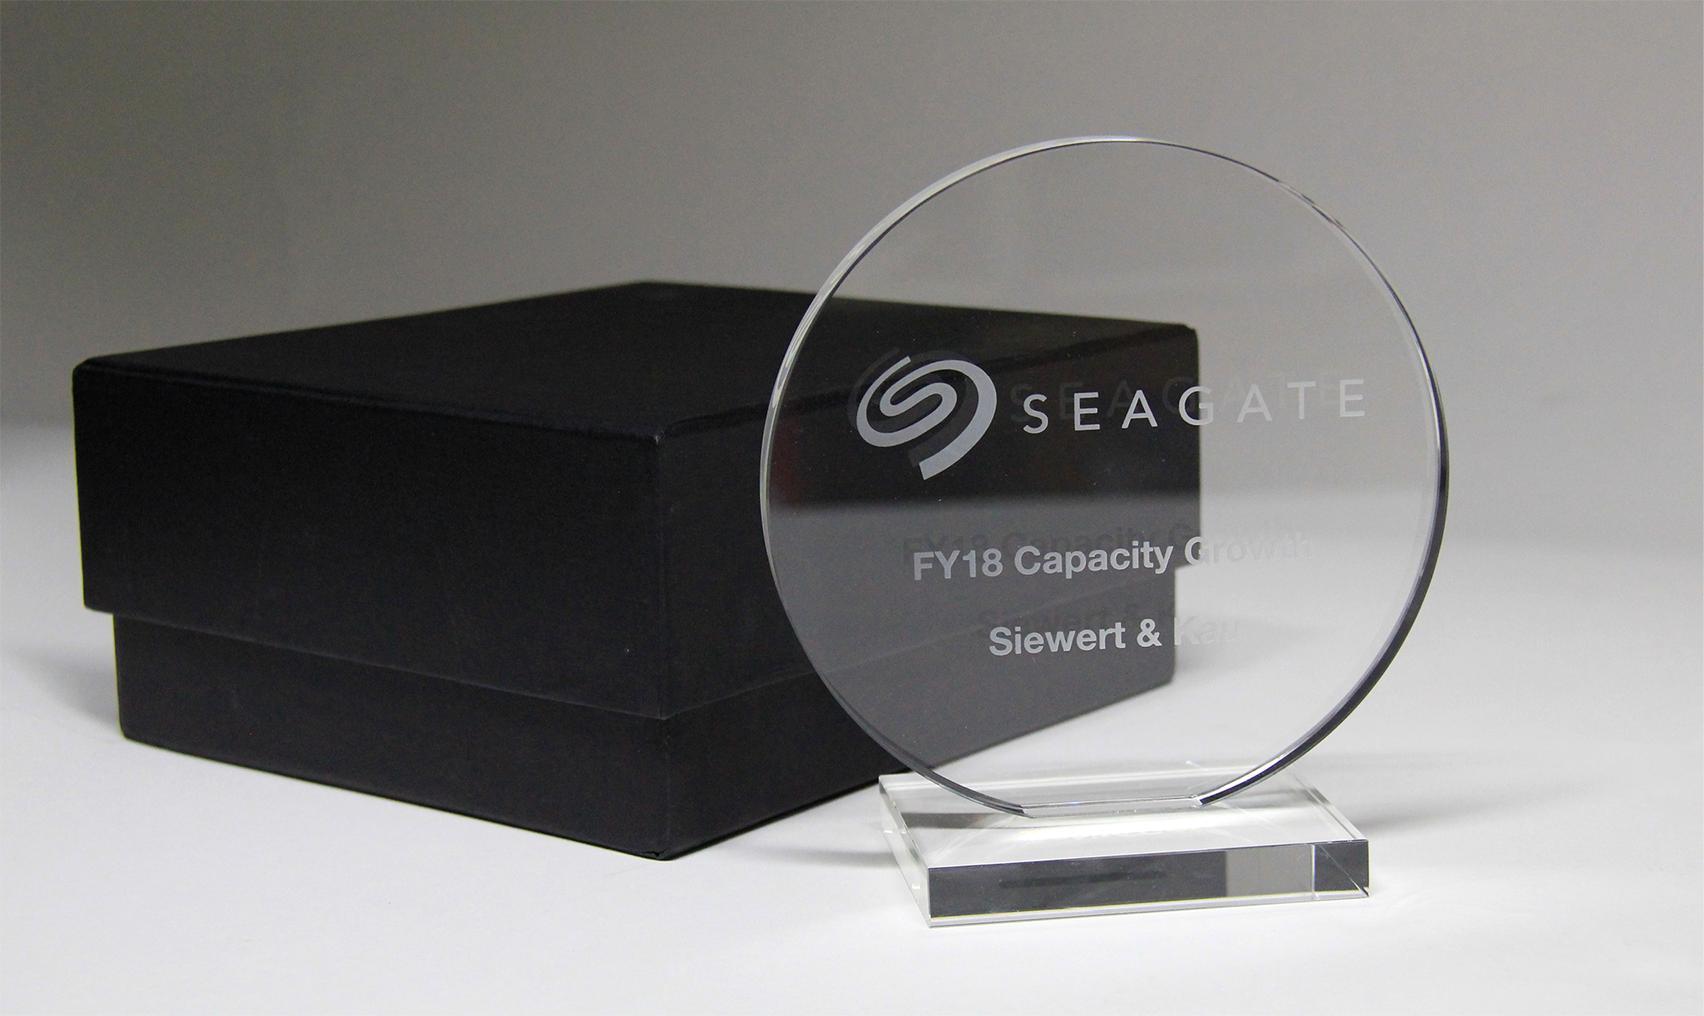 Siewert & Kau gewinnt Award für die gesteigerte Kapazität der verkauften Festplatten. Abbildung: Siewert & Kau